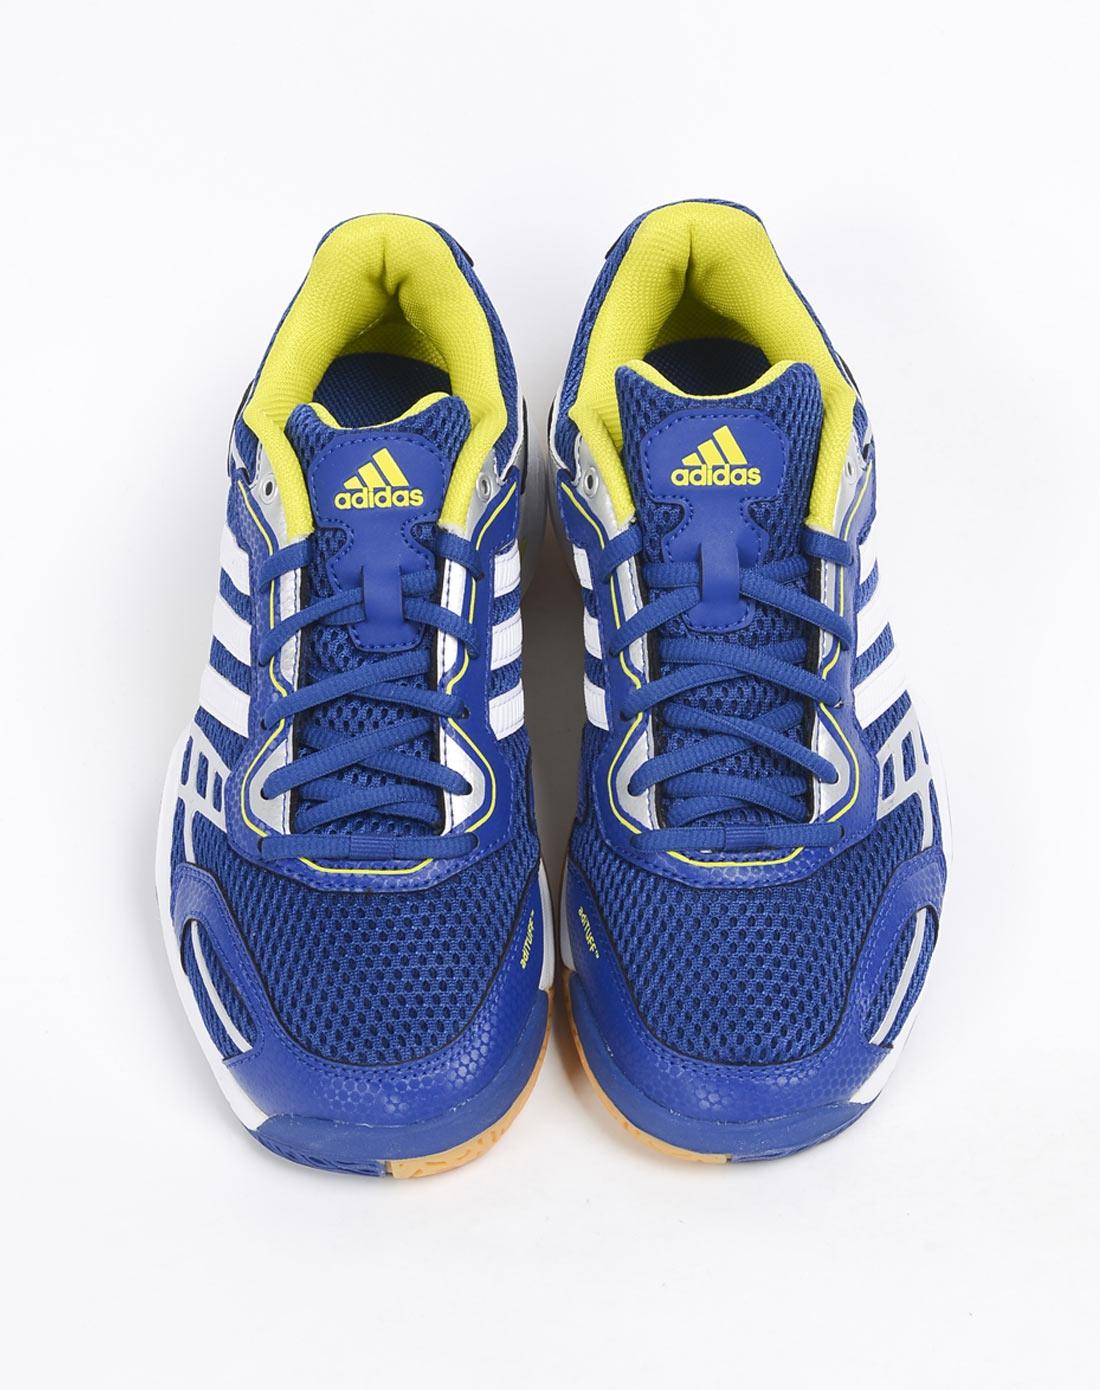 阿迪达斯adidas男鞋专场 男子蓝色室内鞋